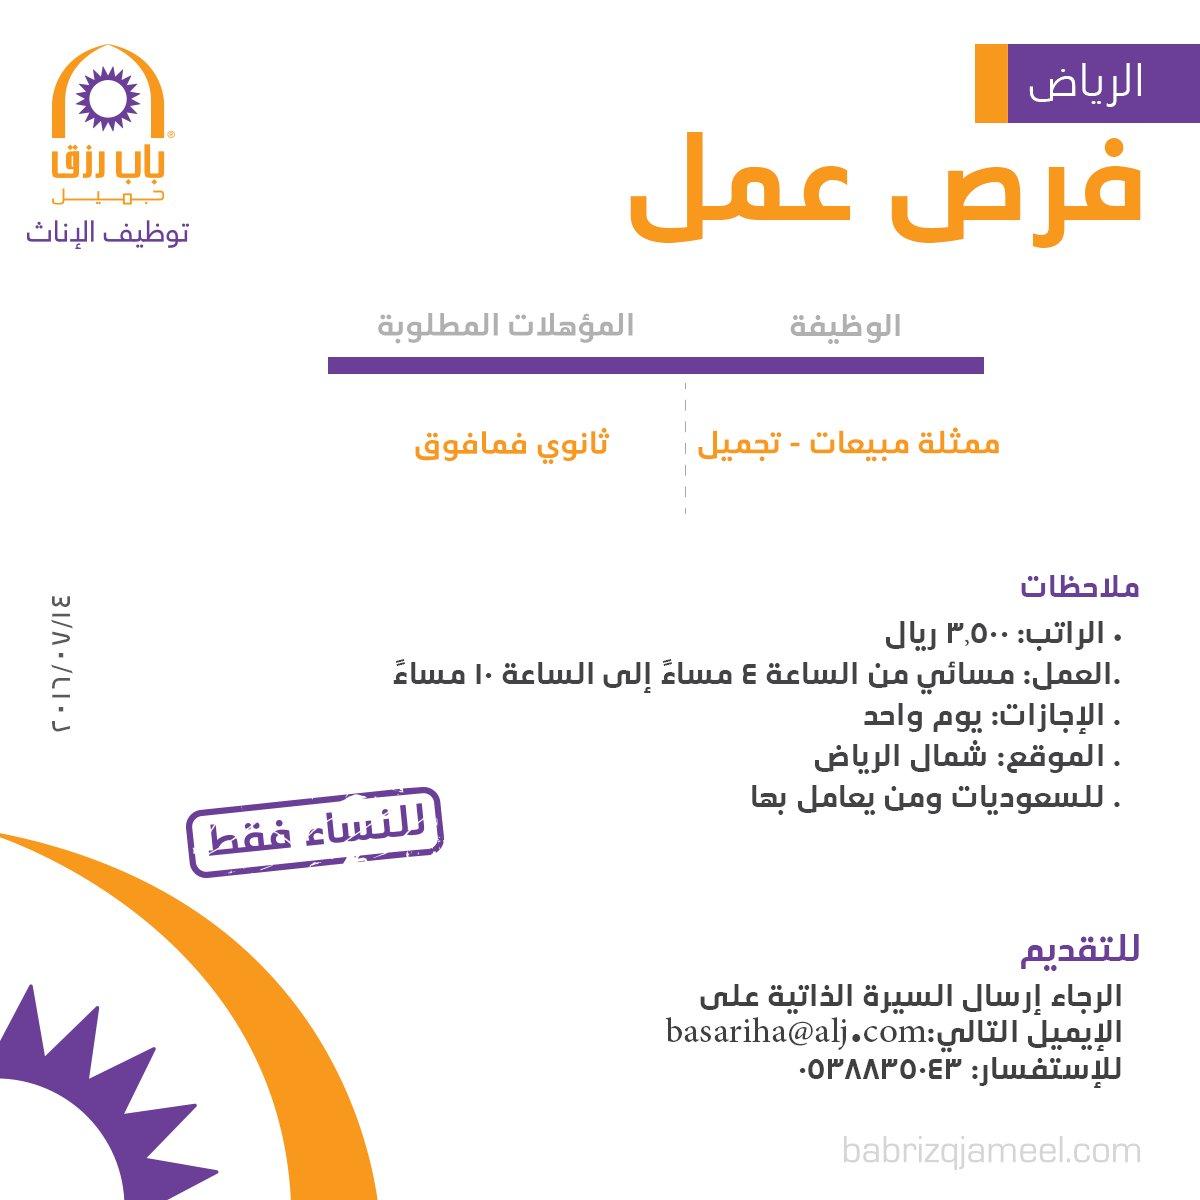 مطلوب ممثلة مبيعات تجميل - الرياض